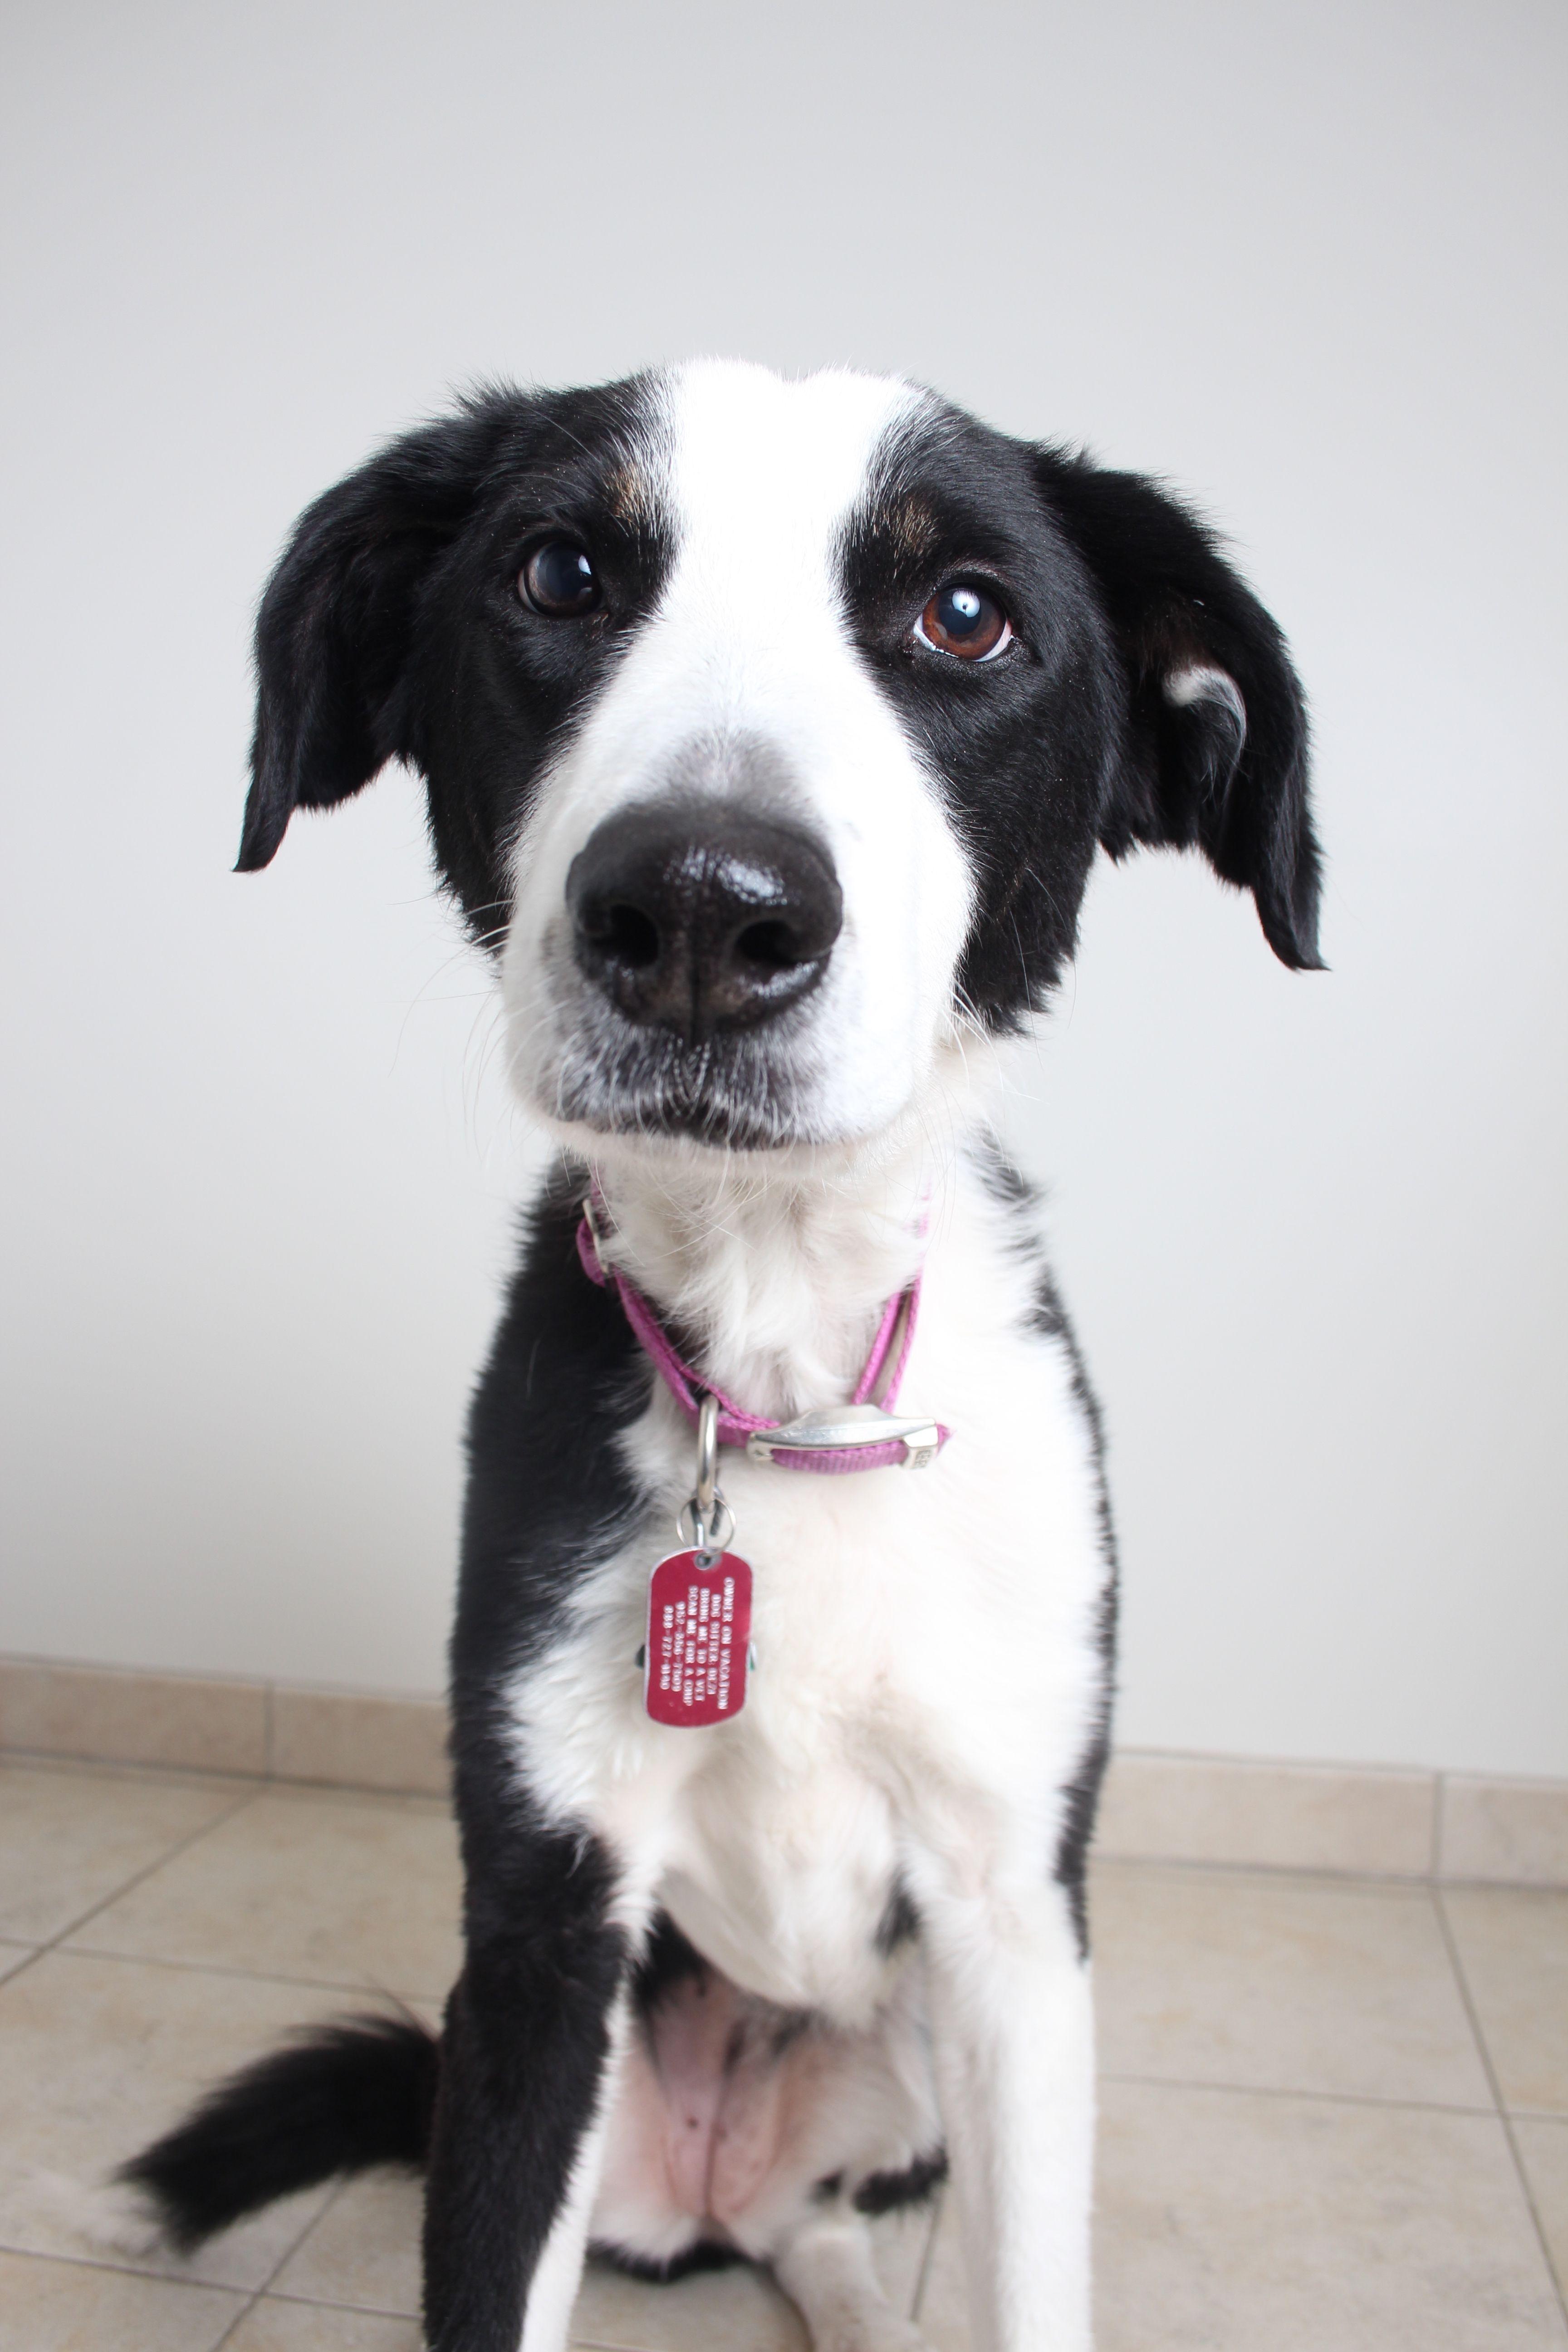 Border Collie Dog For Adoption In Eden Prairie Mn Adn 495353 On Puppyfinder Com Gender Female Age Adult Dogs Border Collie Collie